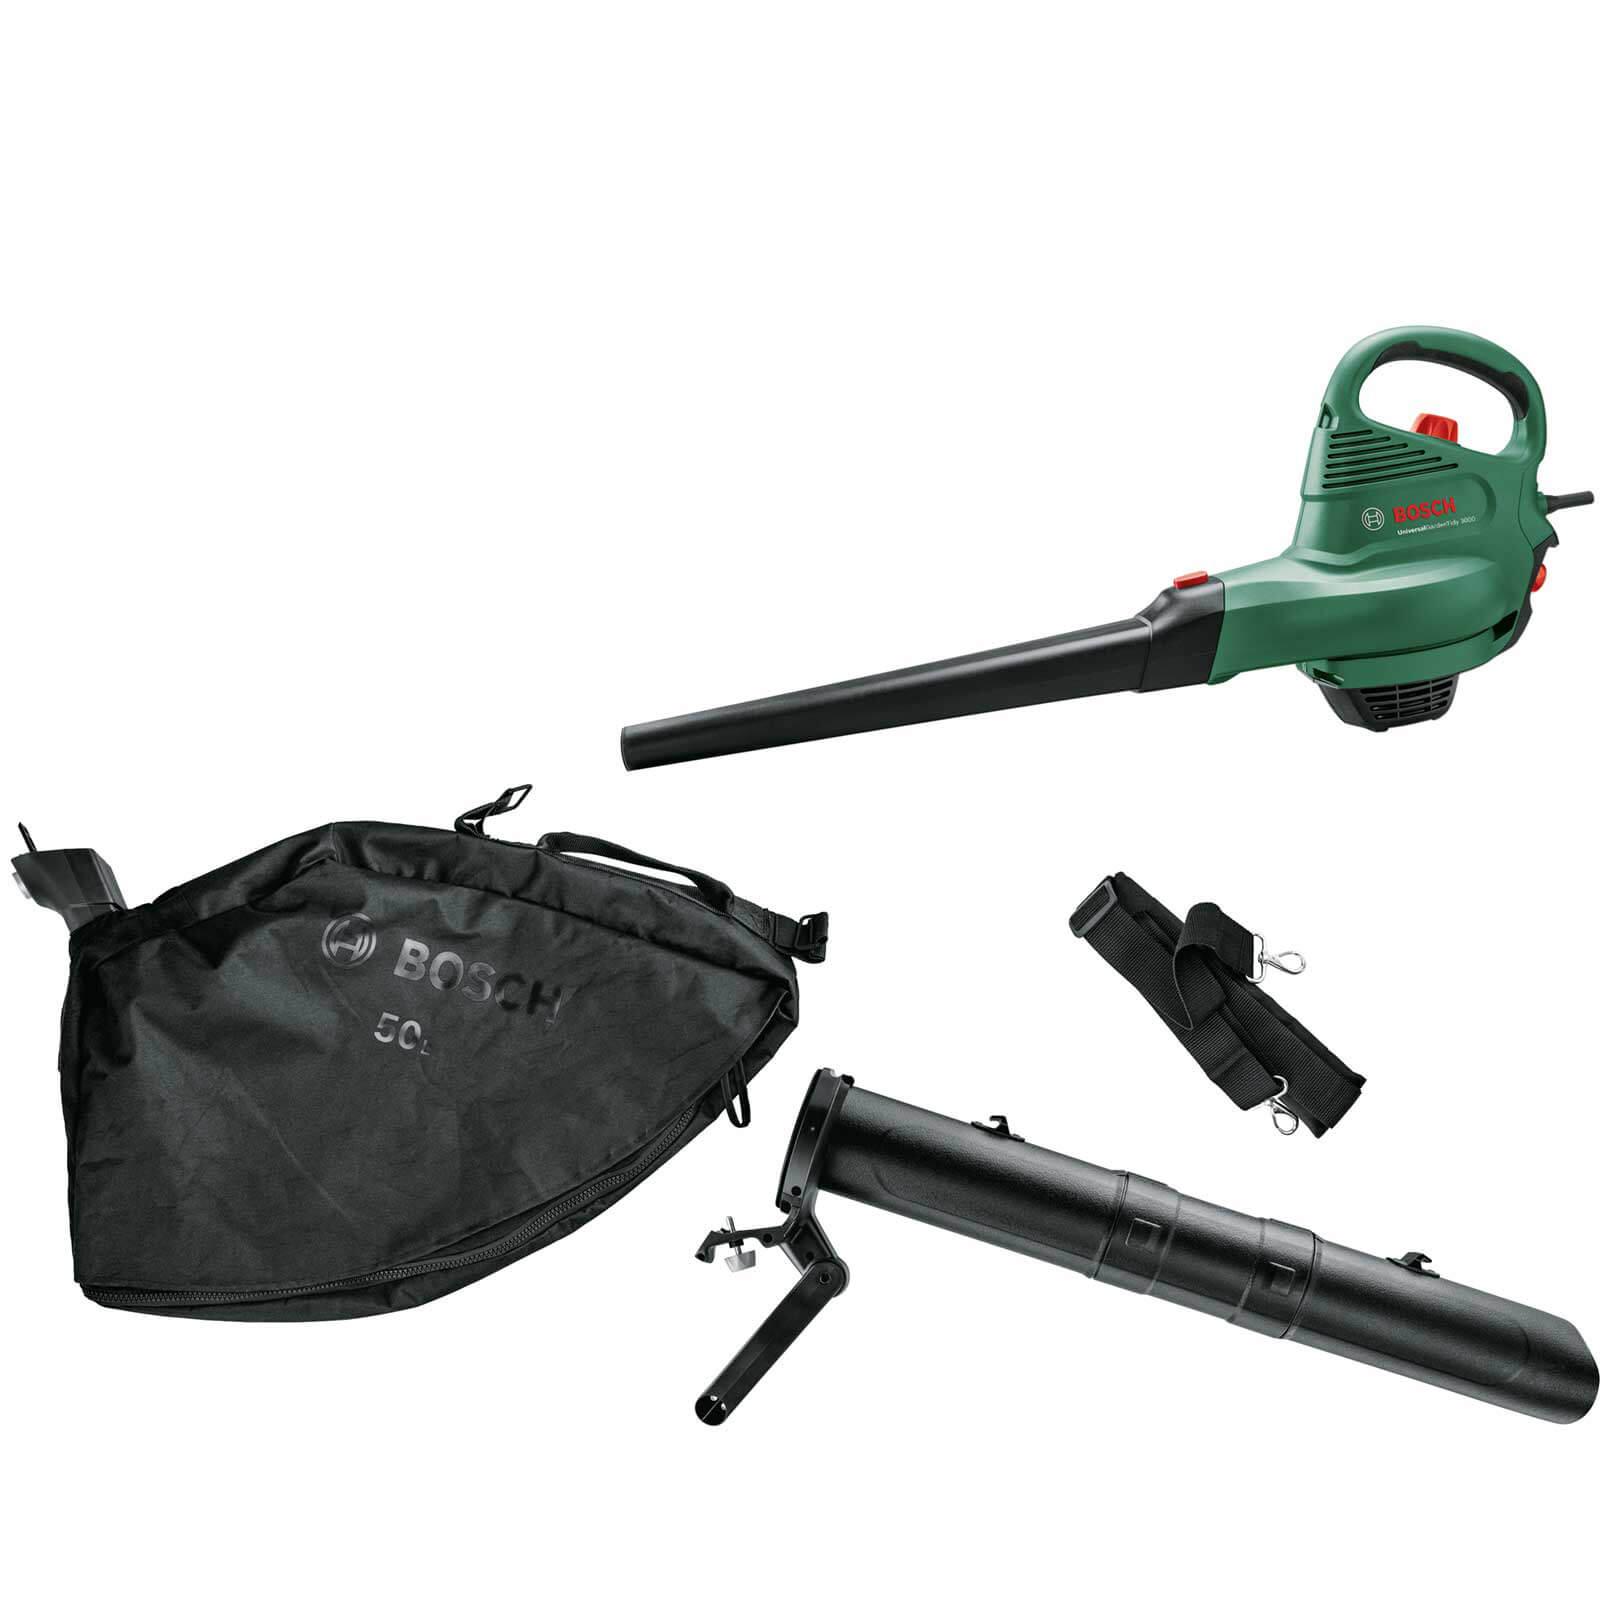 Bosch UNIVERSALGARDENTIDY 3000 Garden Vacuum and Leaf Blower